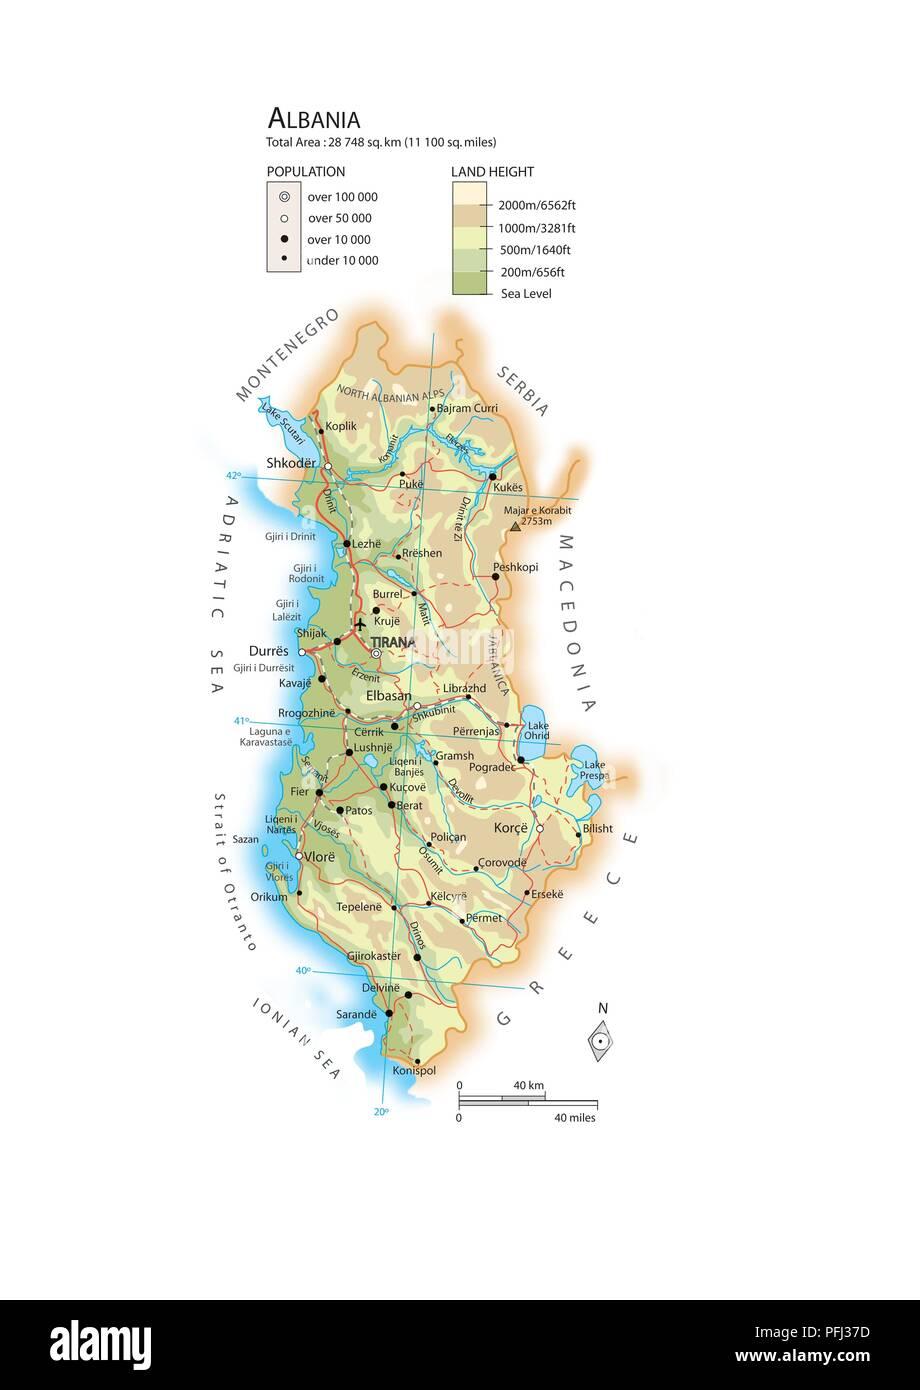 Karte Albanien.Karte Von Albanien Stockfoto Bild 216141953 Alamy